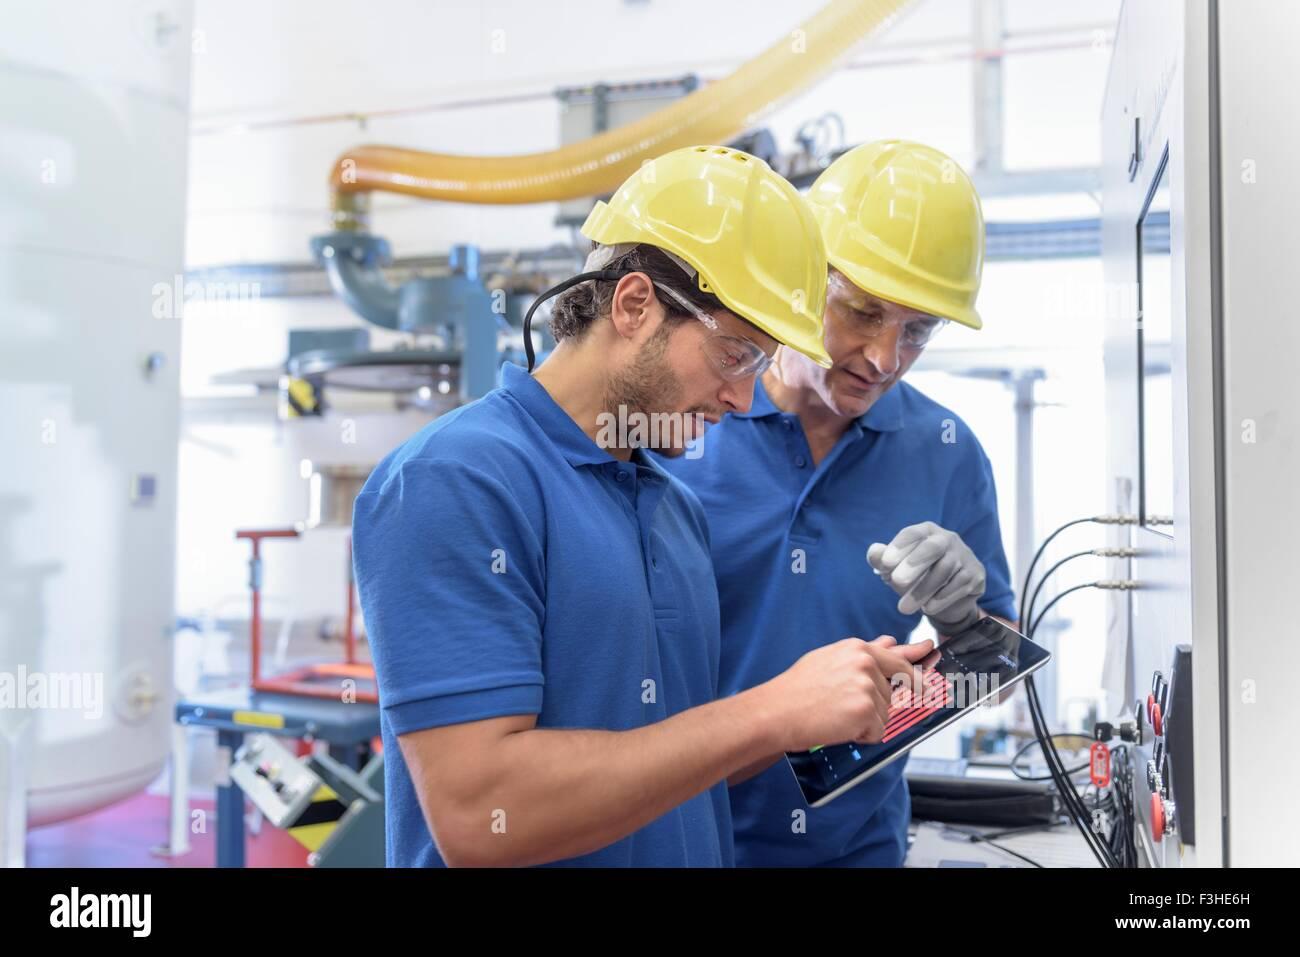 L'environnement d'exploitation des travailleurs de l'équipement de test with digital tablet in Photo Stock